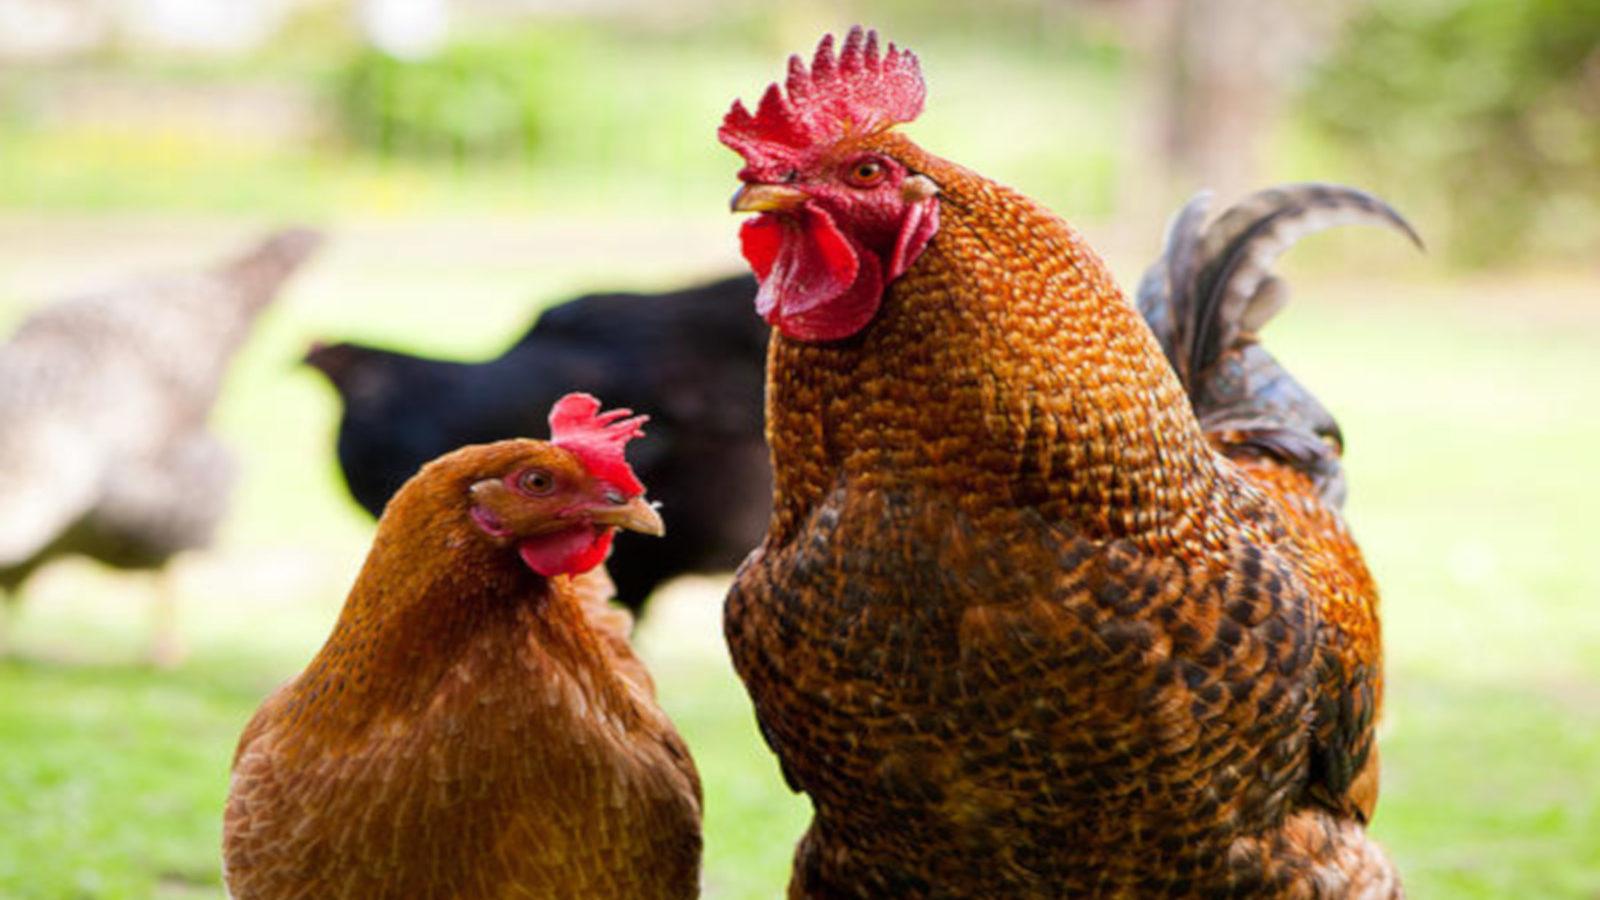 Jabalpur News: मुर्गों के खाने में भी बड़ा भ्रष्टचार, क्राइम ब्रांच ने मारा छापा, पढ़ें- हैरान करने वाली हकीकत